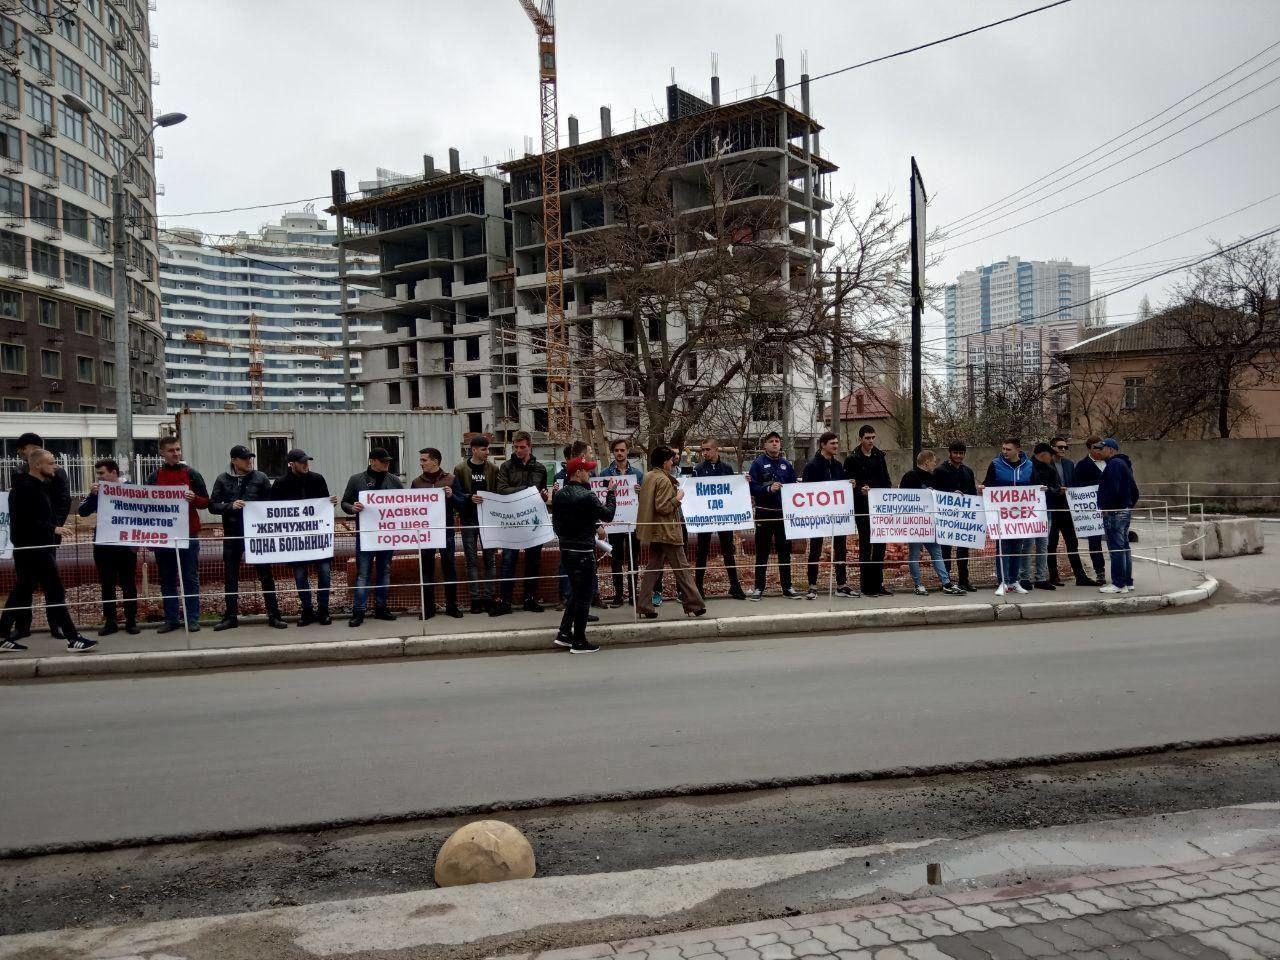 Одесса_против строительства жемчужин_Кадорр_реклама